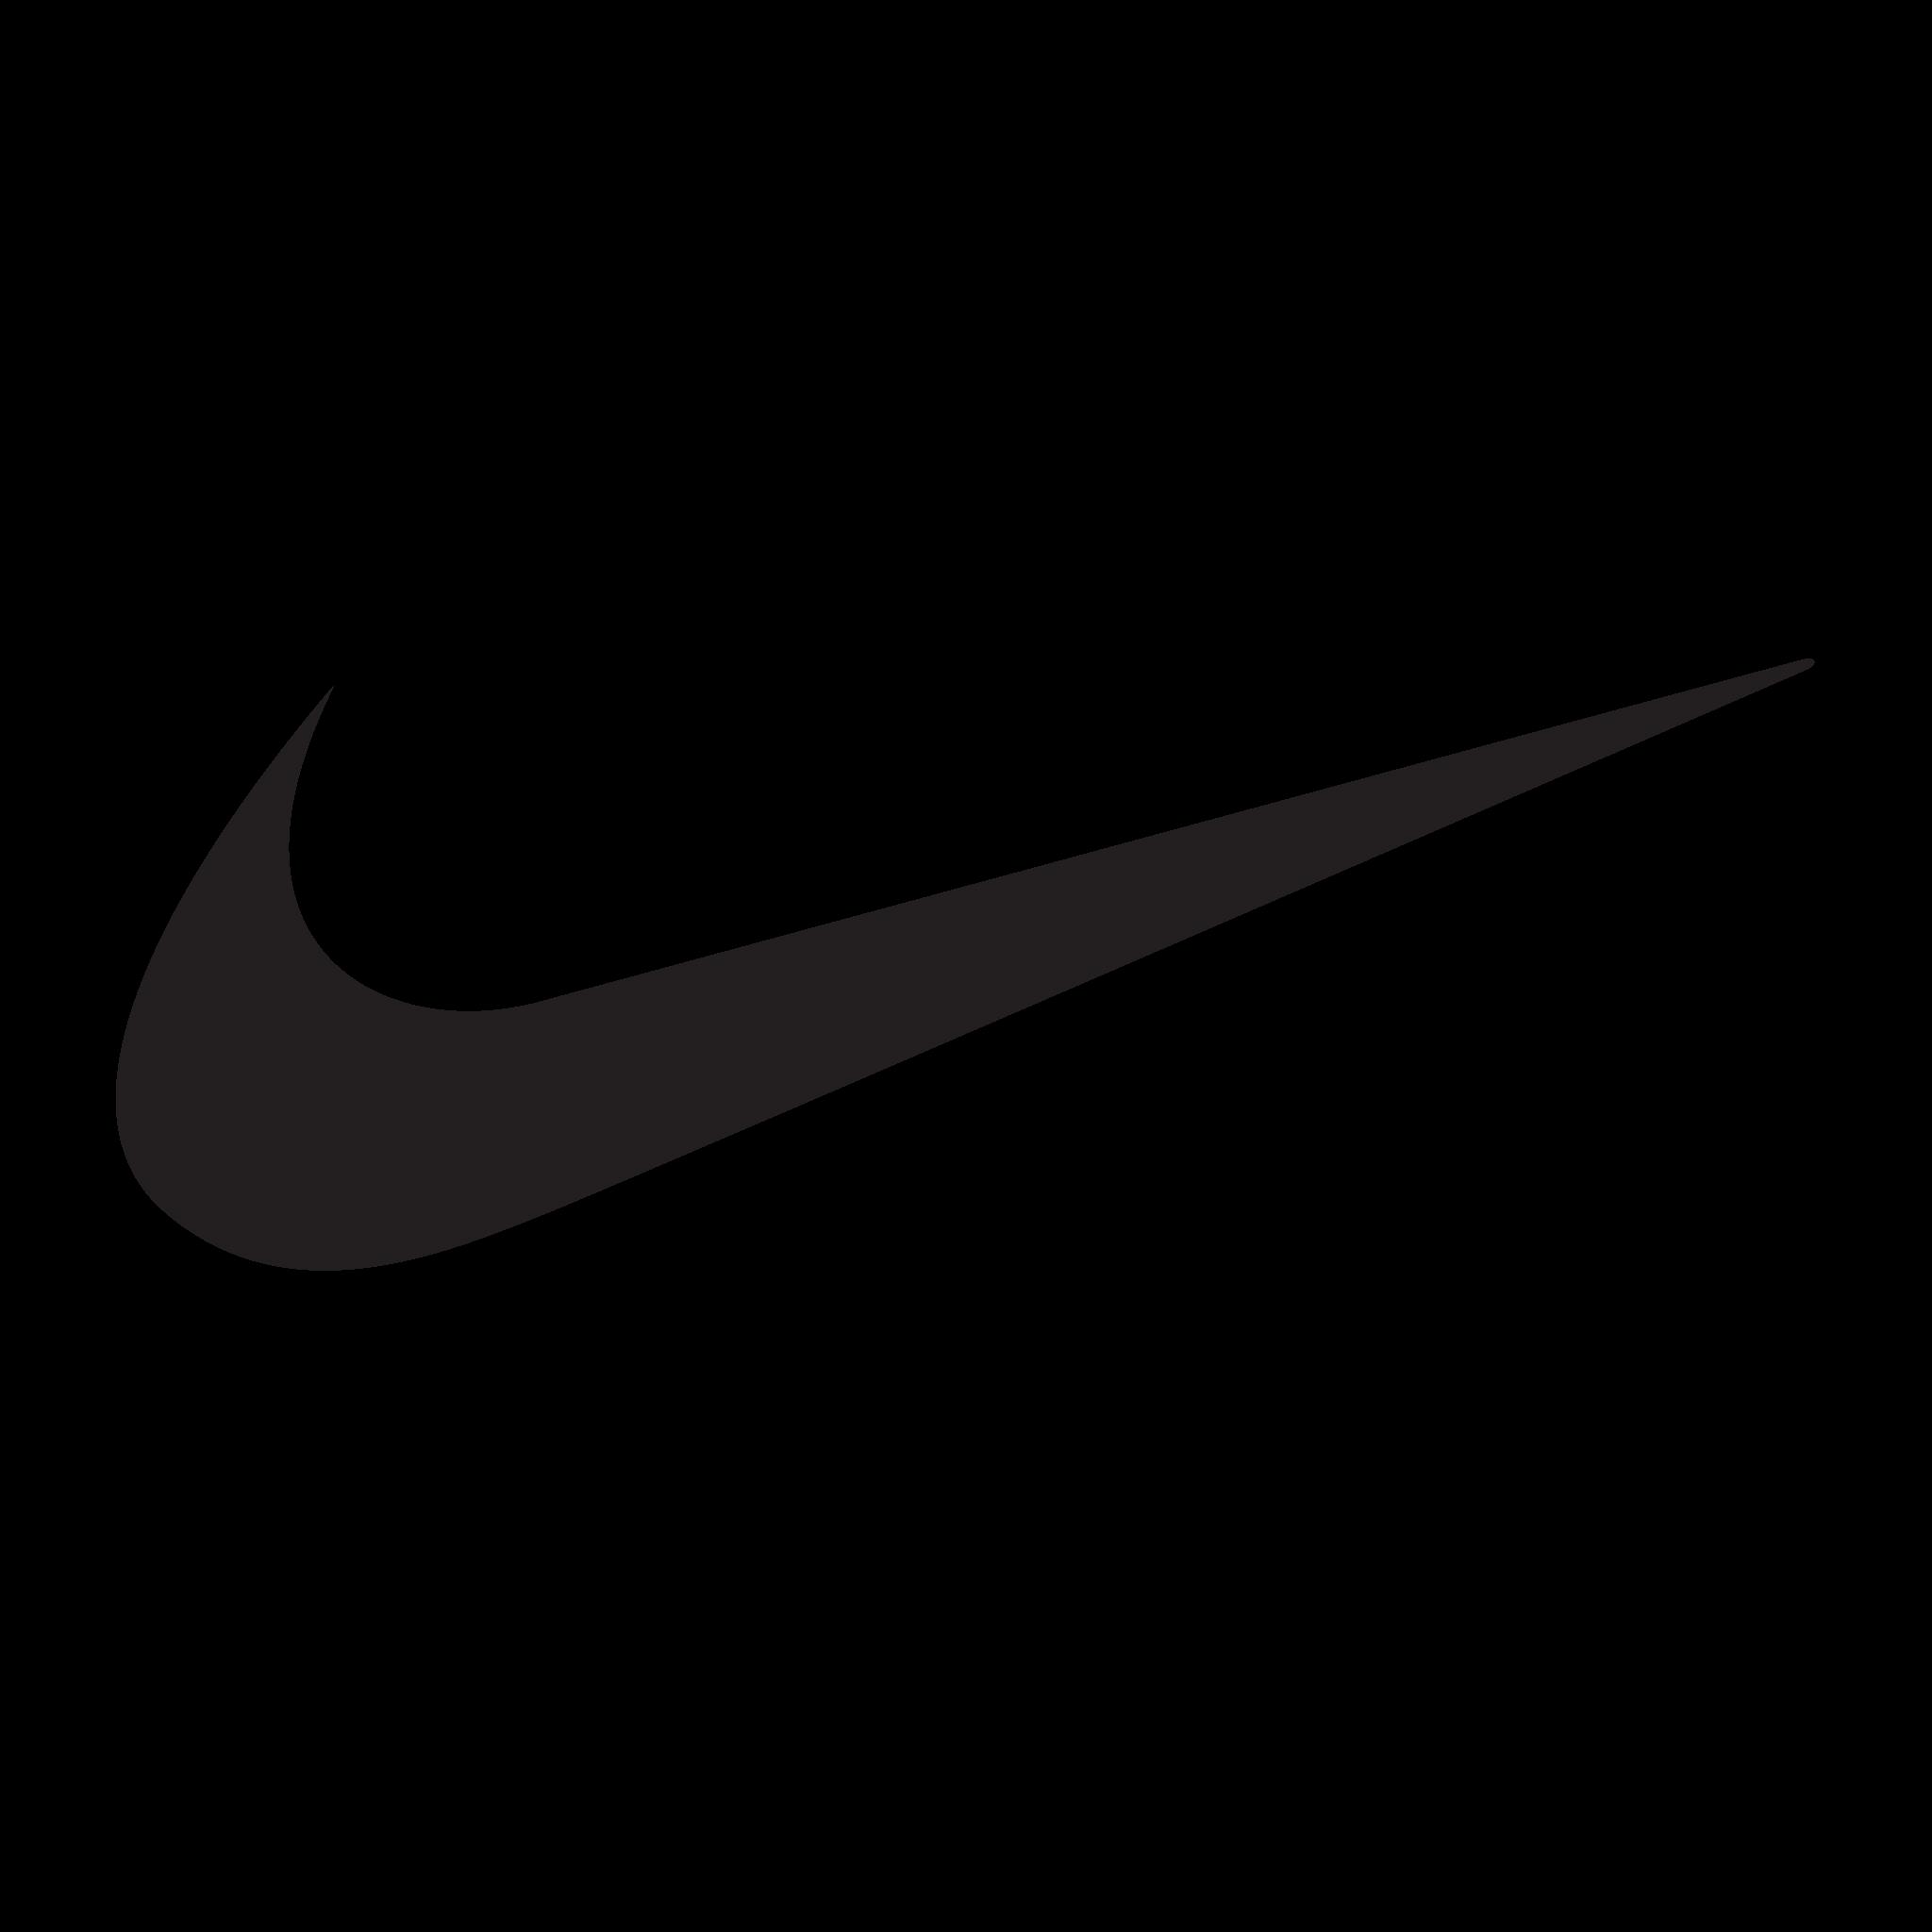 Logo Nike - Logos PNG